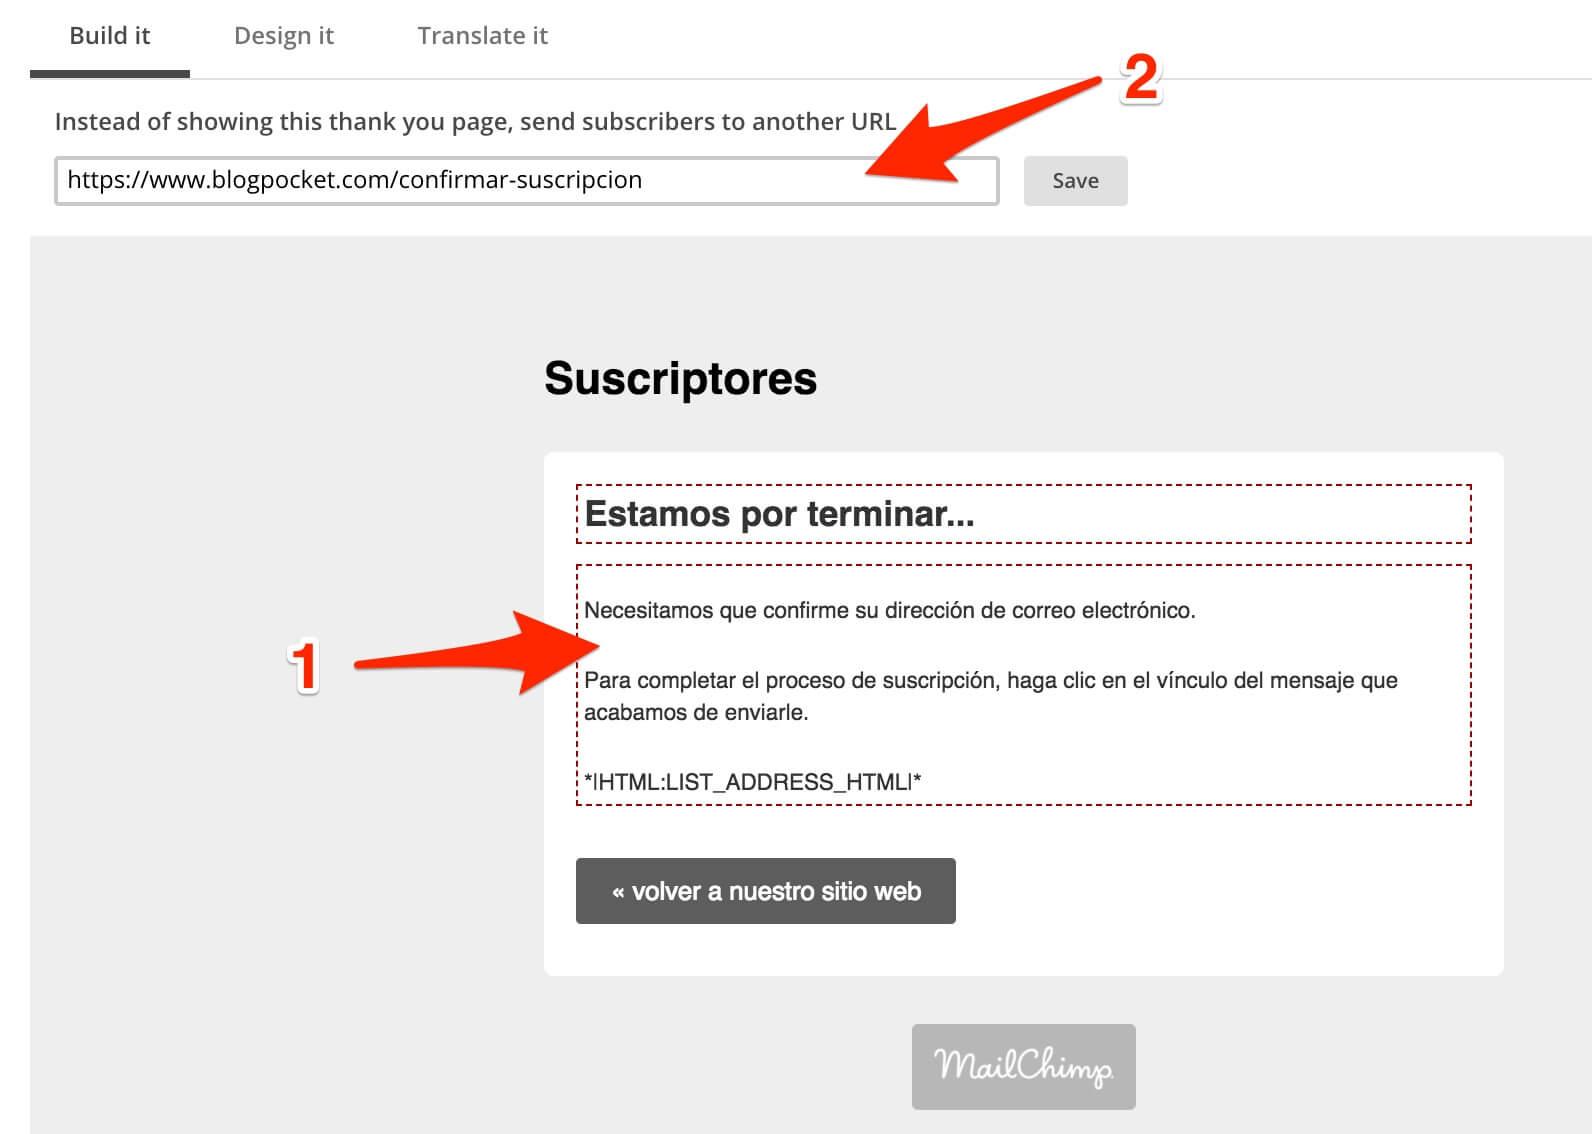 mailchimp-wordpress-1 Cómo usar MailChimp y WordPress para hacer una newsletter (y cumplir el RGPD)